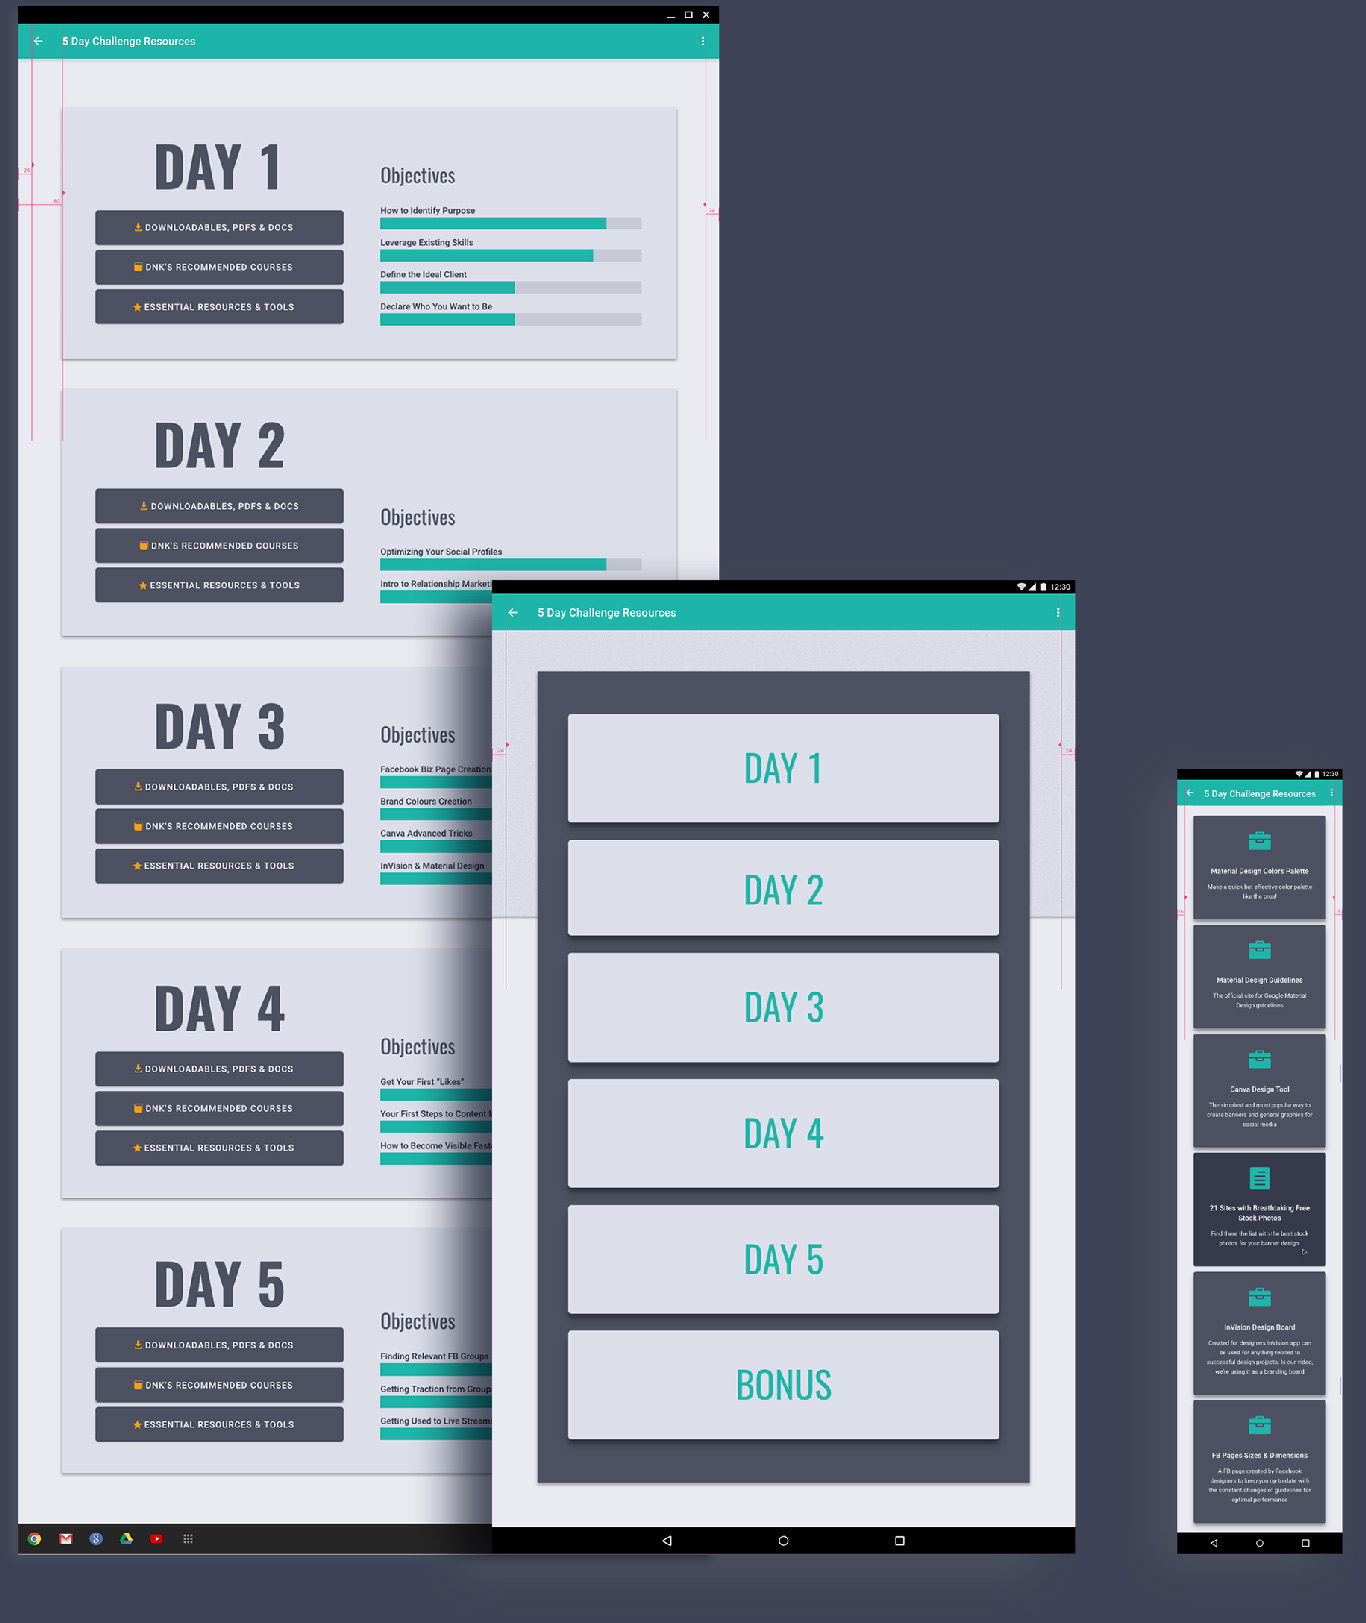 5 Day Challenge Resources Dashboard UI